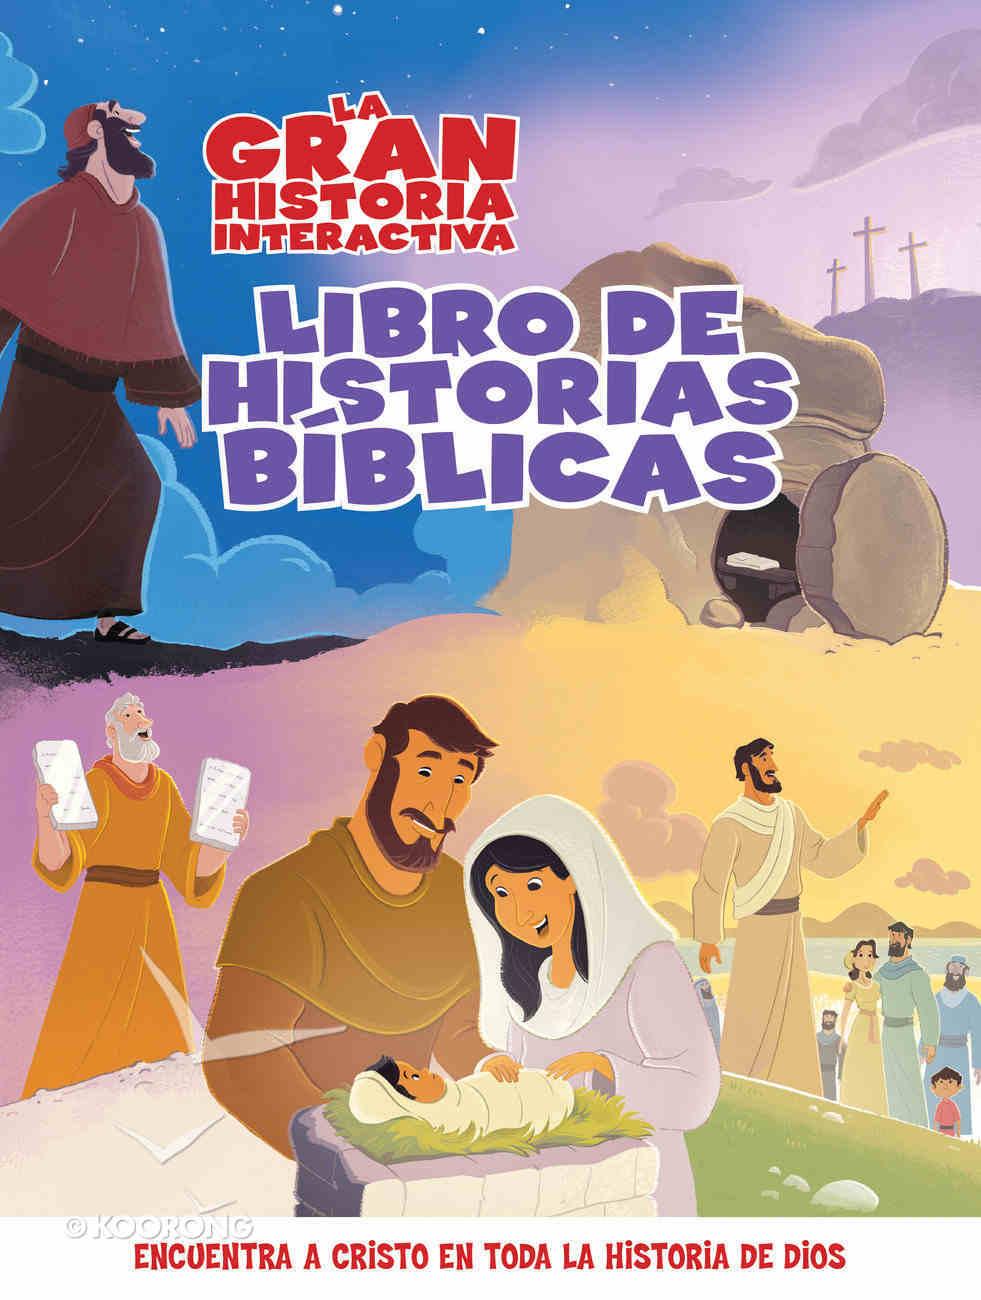 Gran Historia, La: Libro De Historias Biblicas (Big Picture Interactive Storybook) Hardback